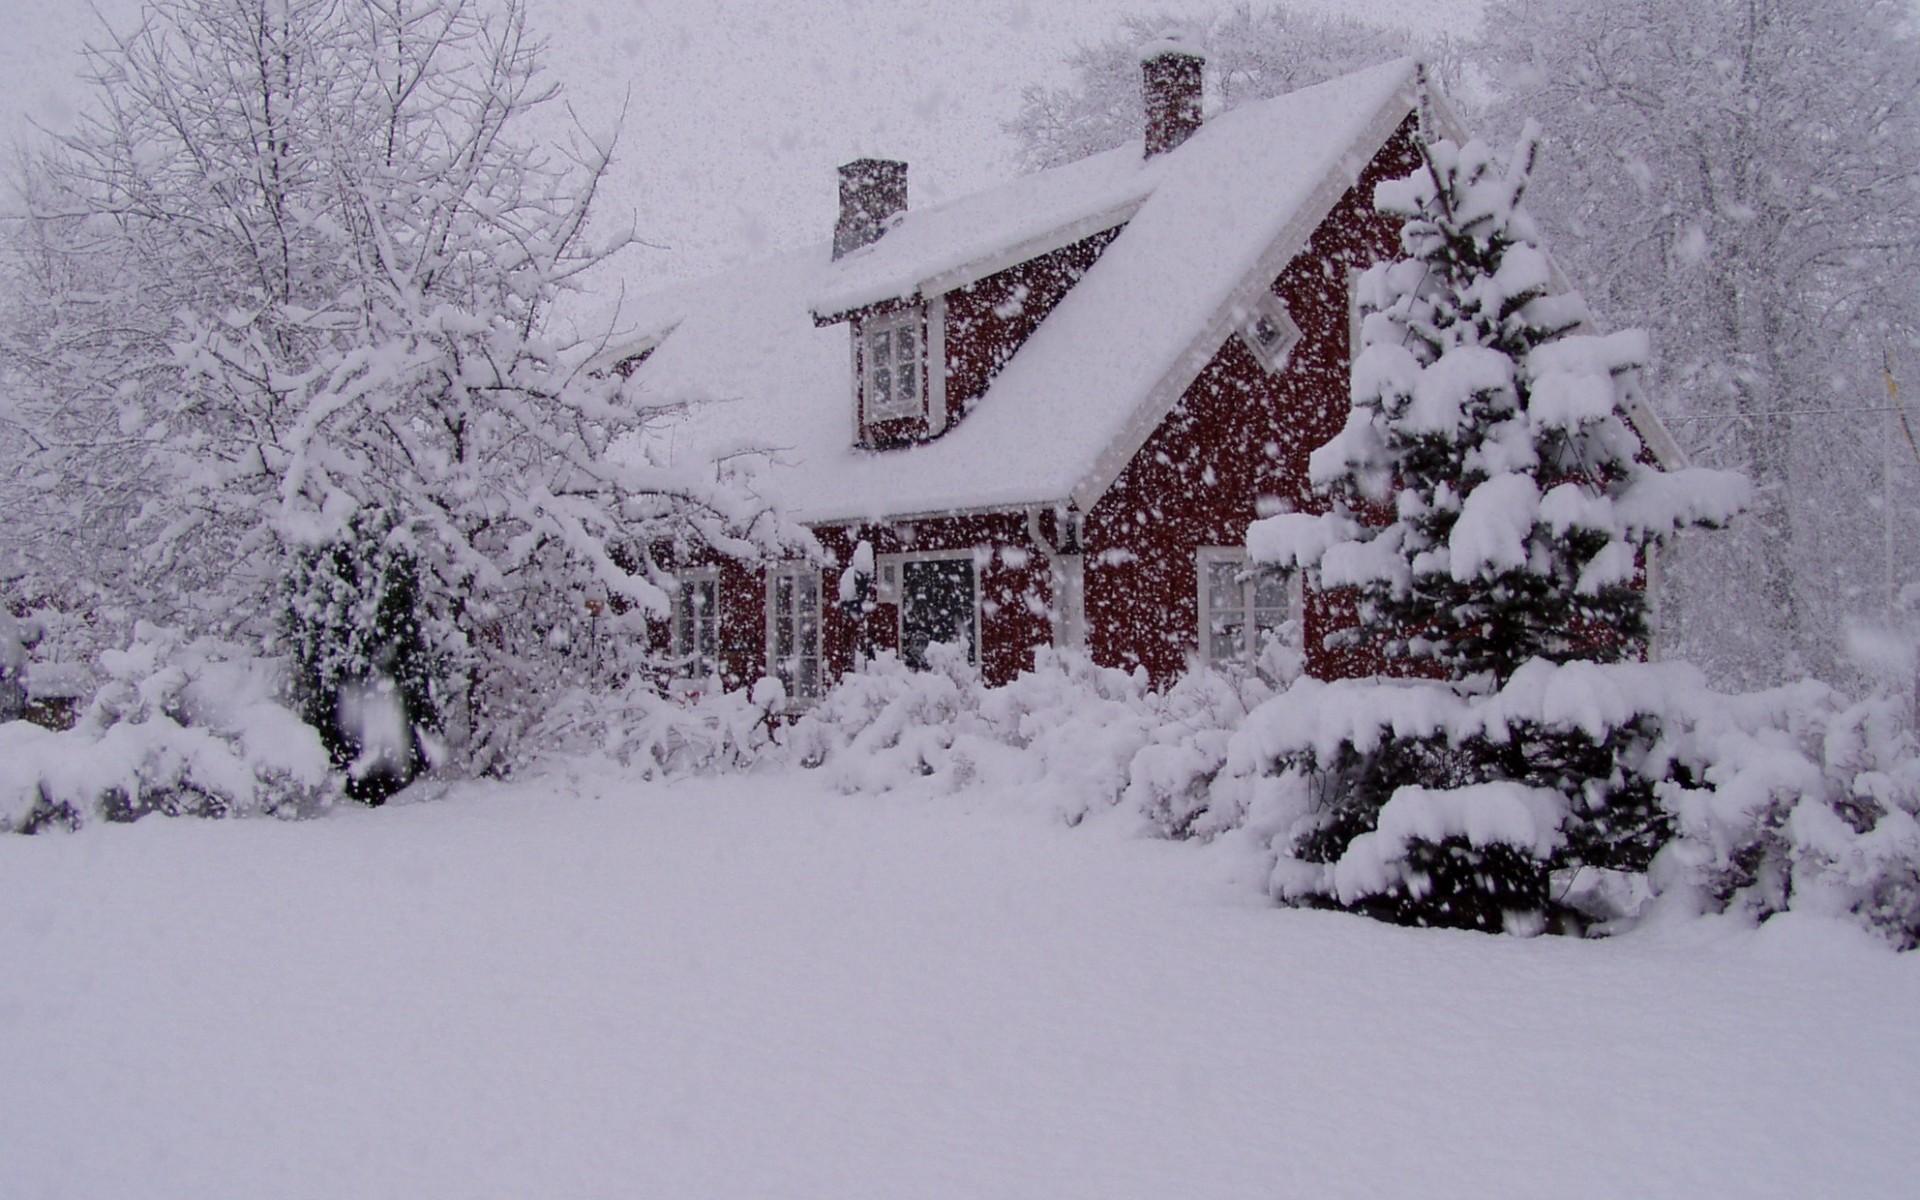 Winter in Ängelholm